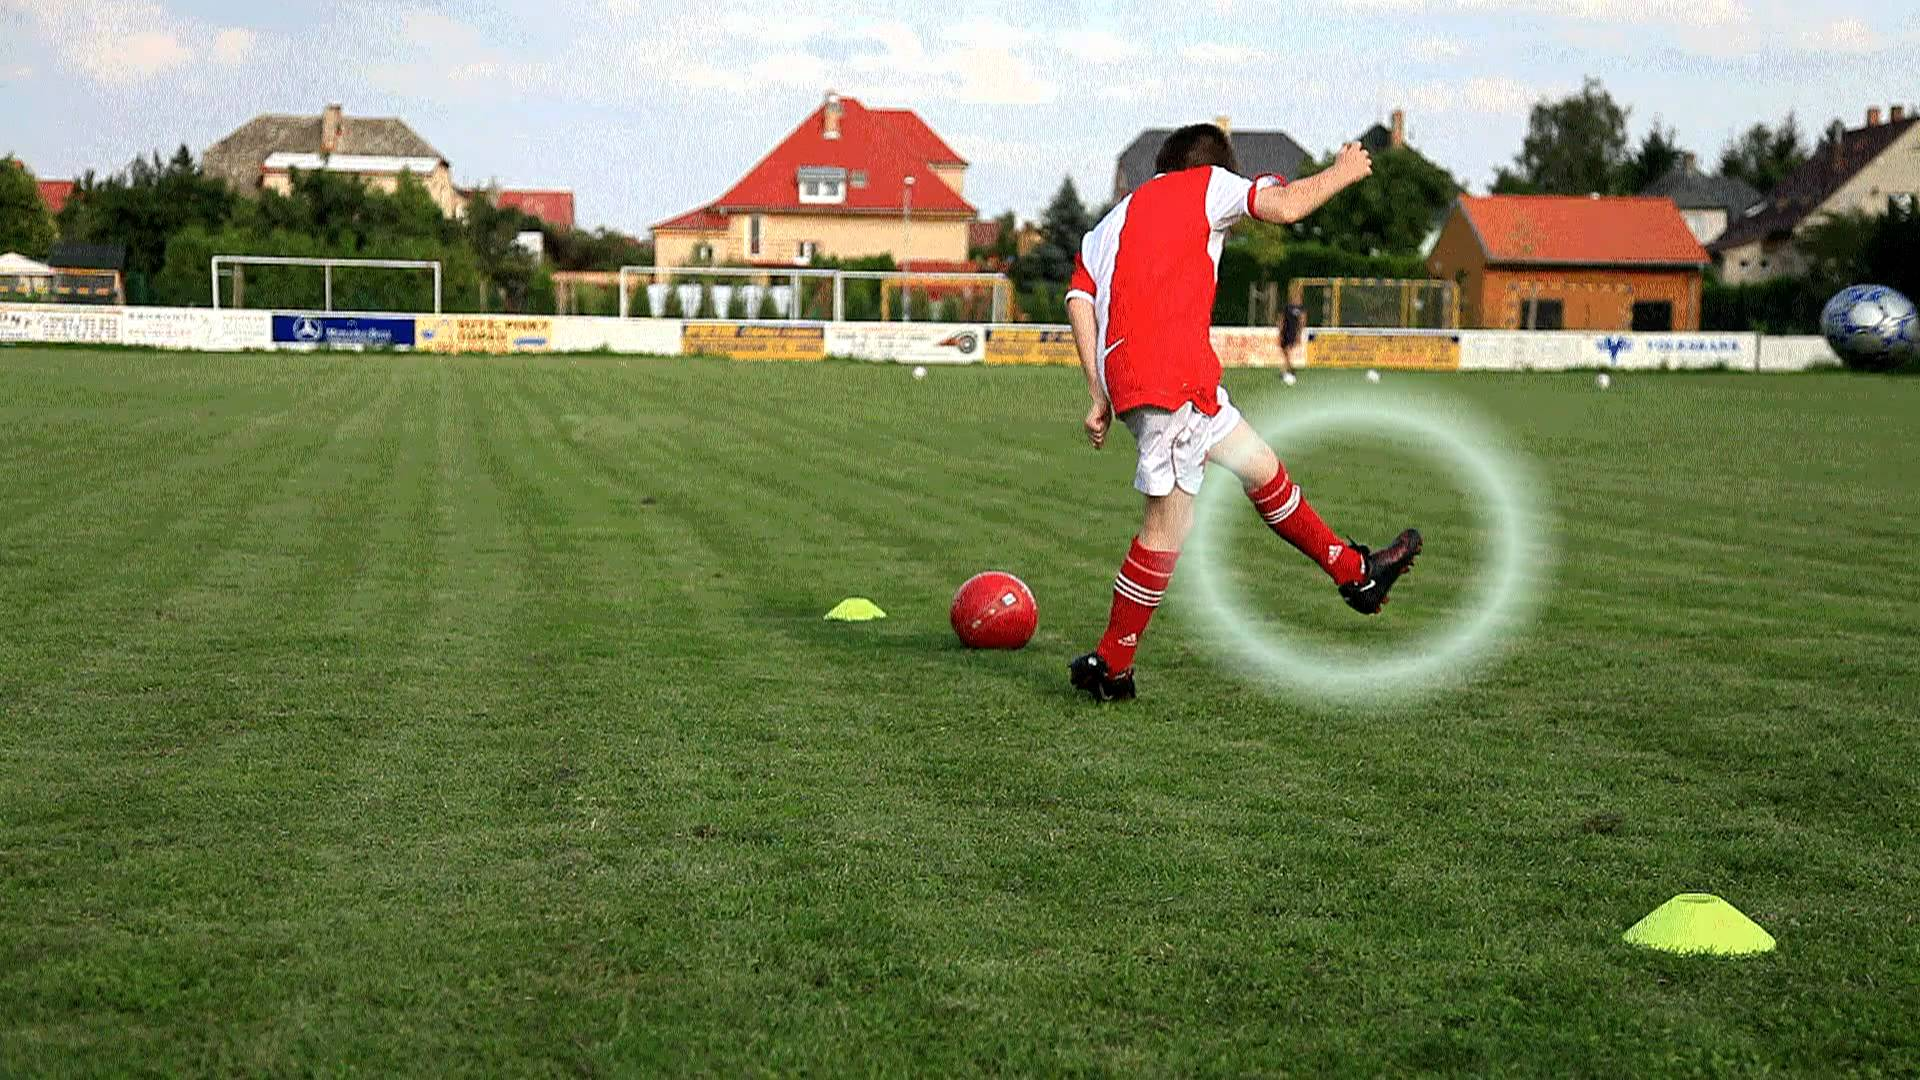 Метод вила курвера футбольные упражнения футбольное видео